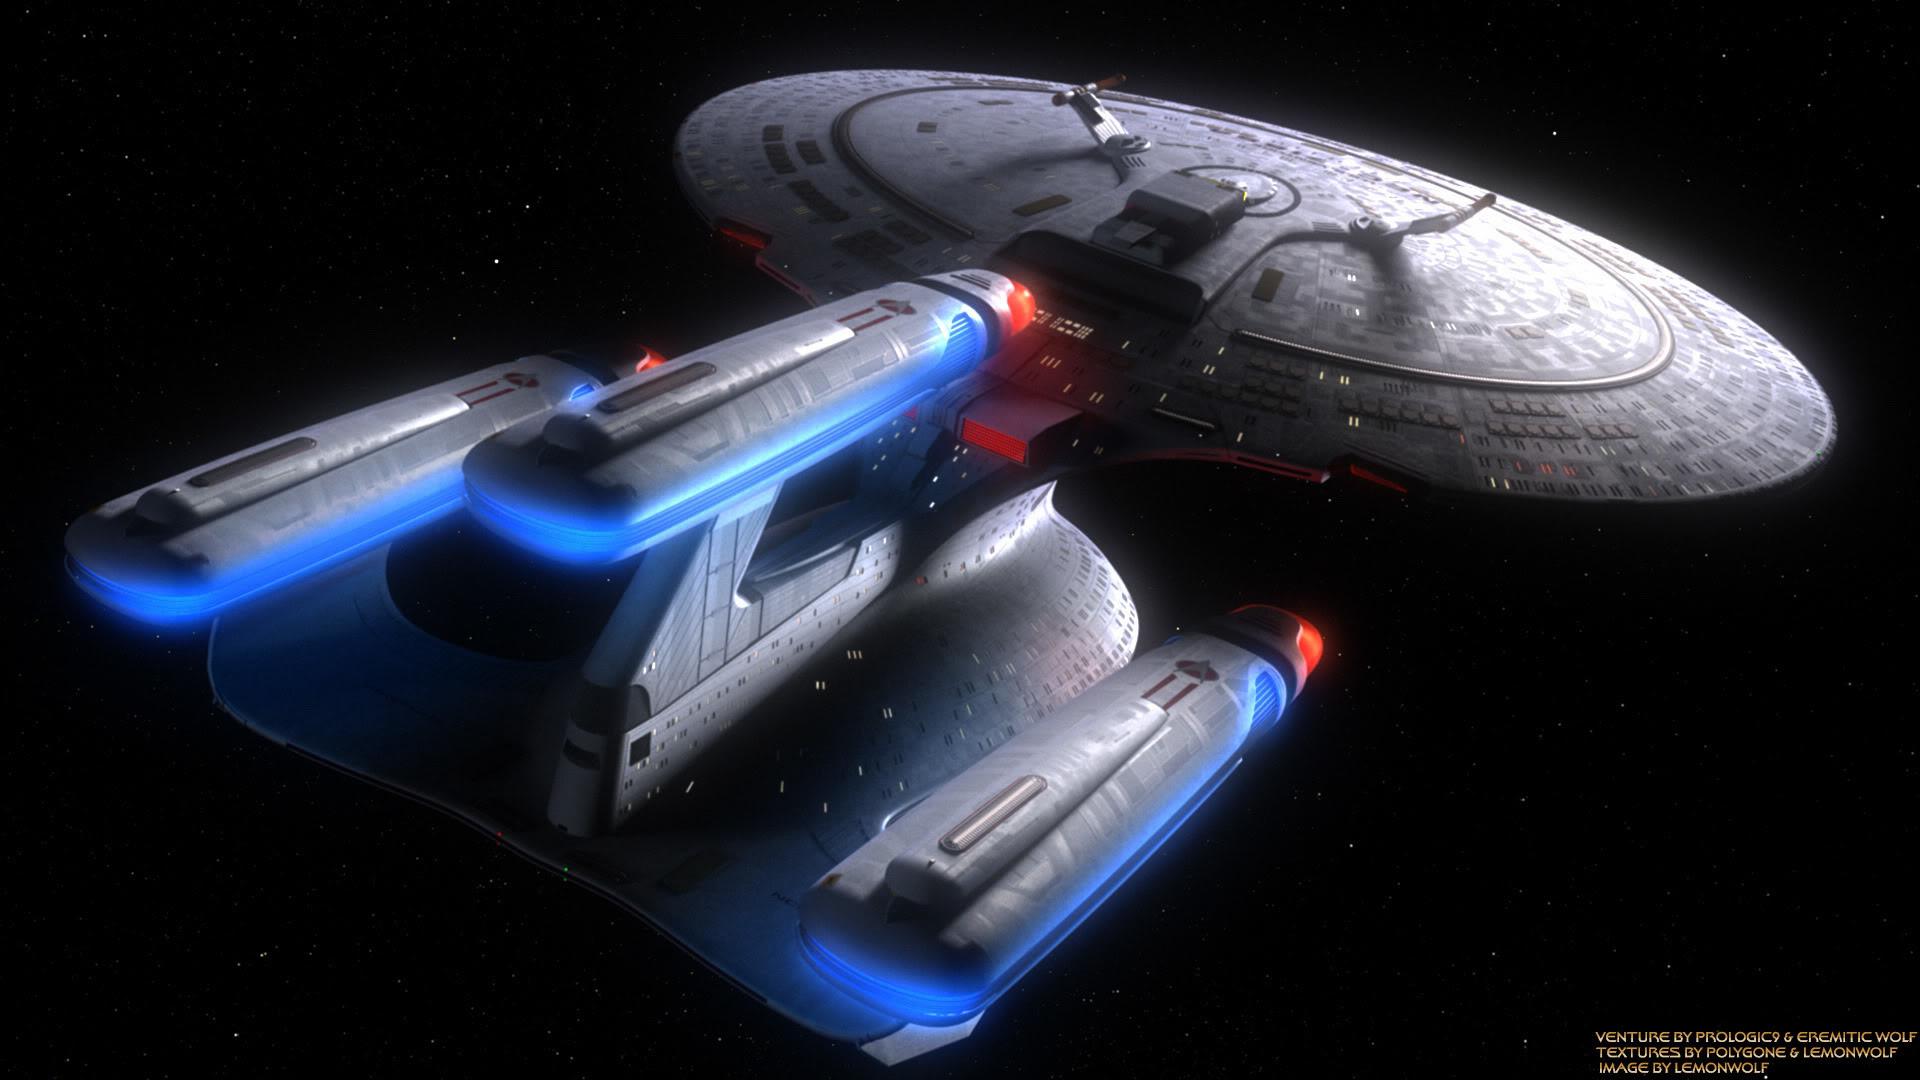 Wallpapers ››Star Trek Galaxy Class Dread Nought